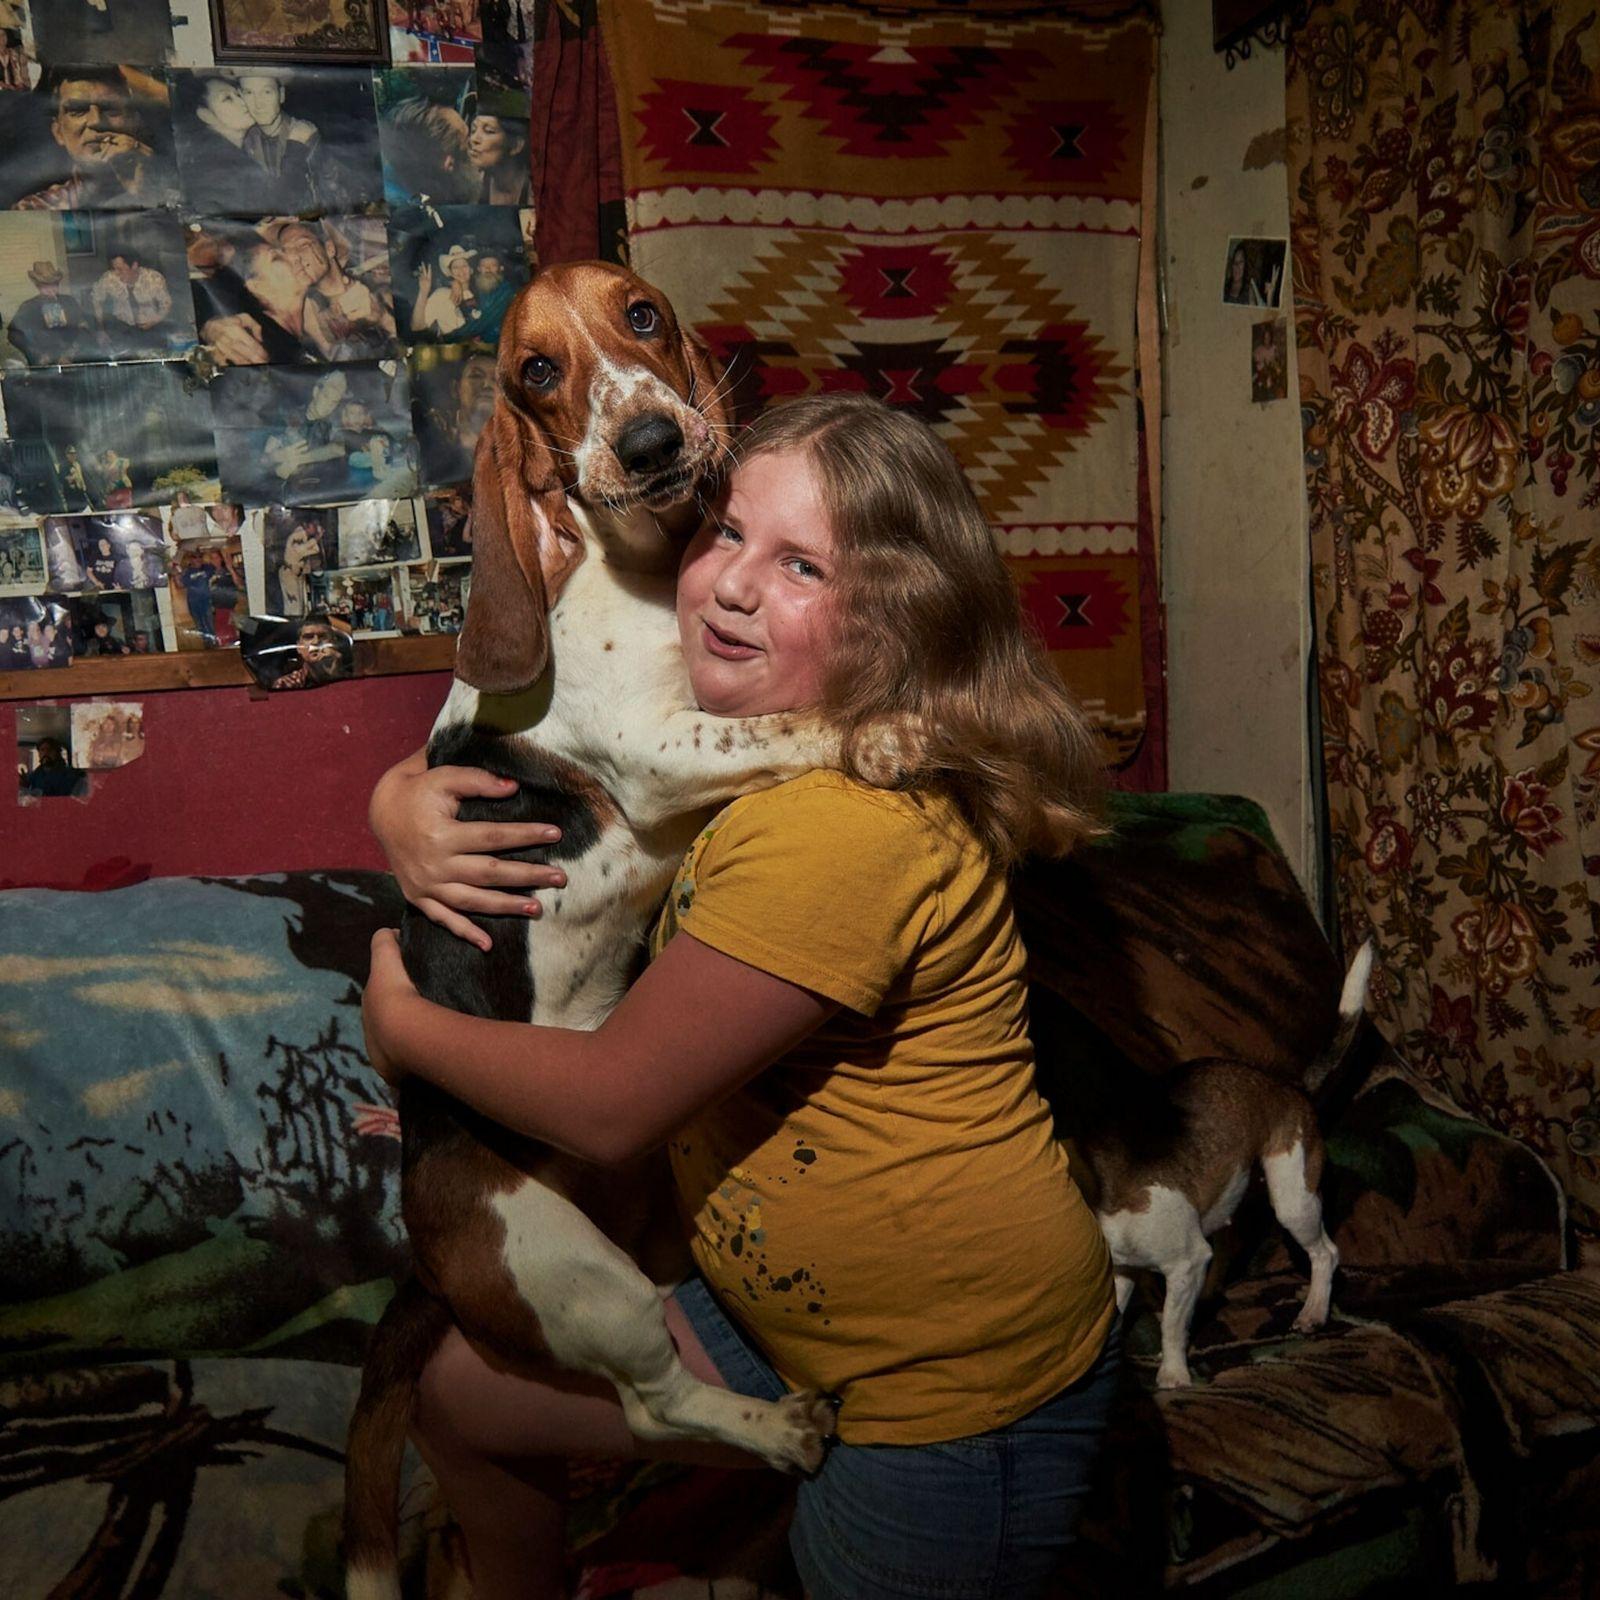 Menina e seu cachorro em Boone County, no estado da Virgínia Ocidental, nos Estados Unidos.